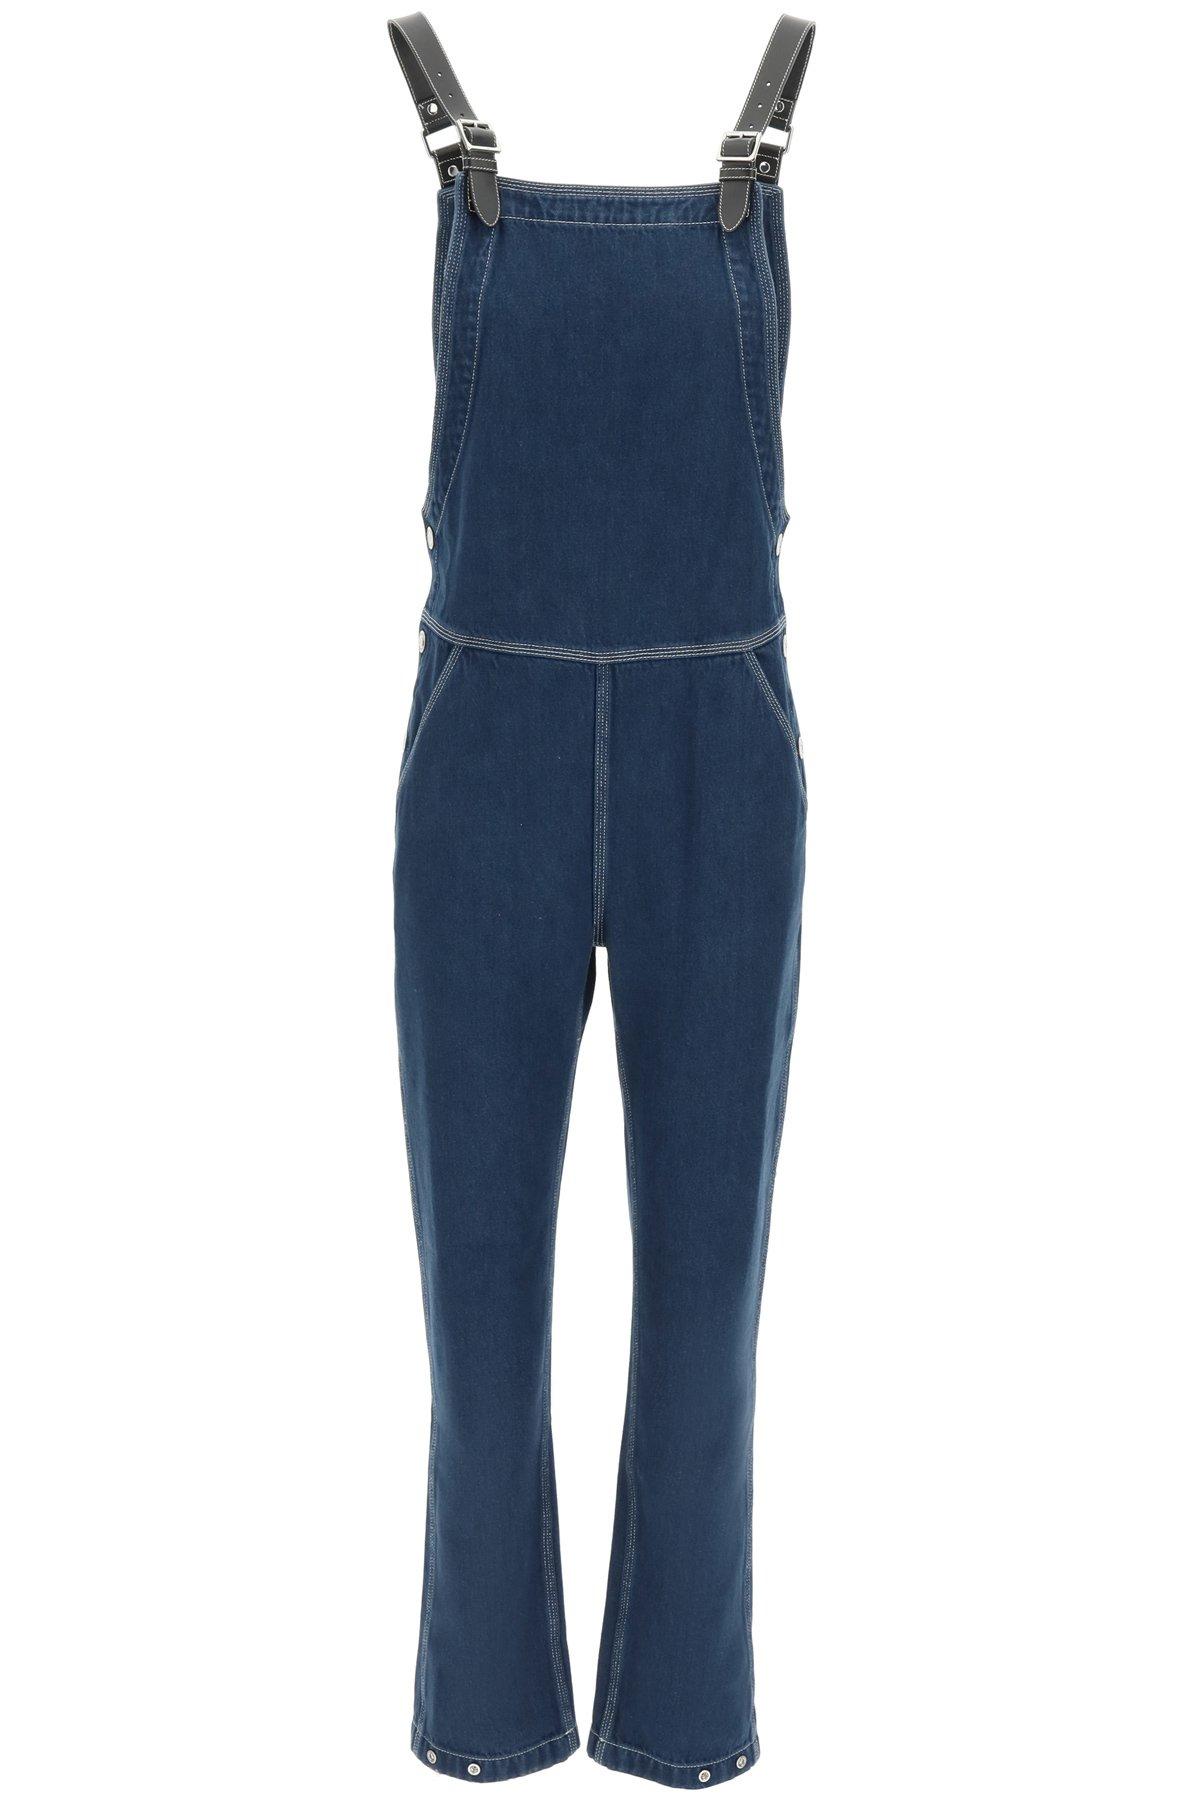 Burberry jumpsuit in denim